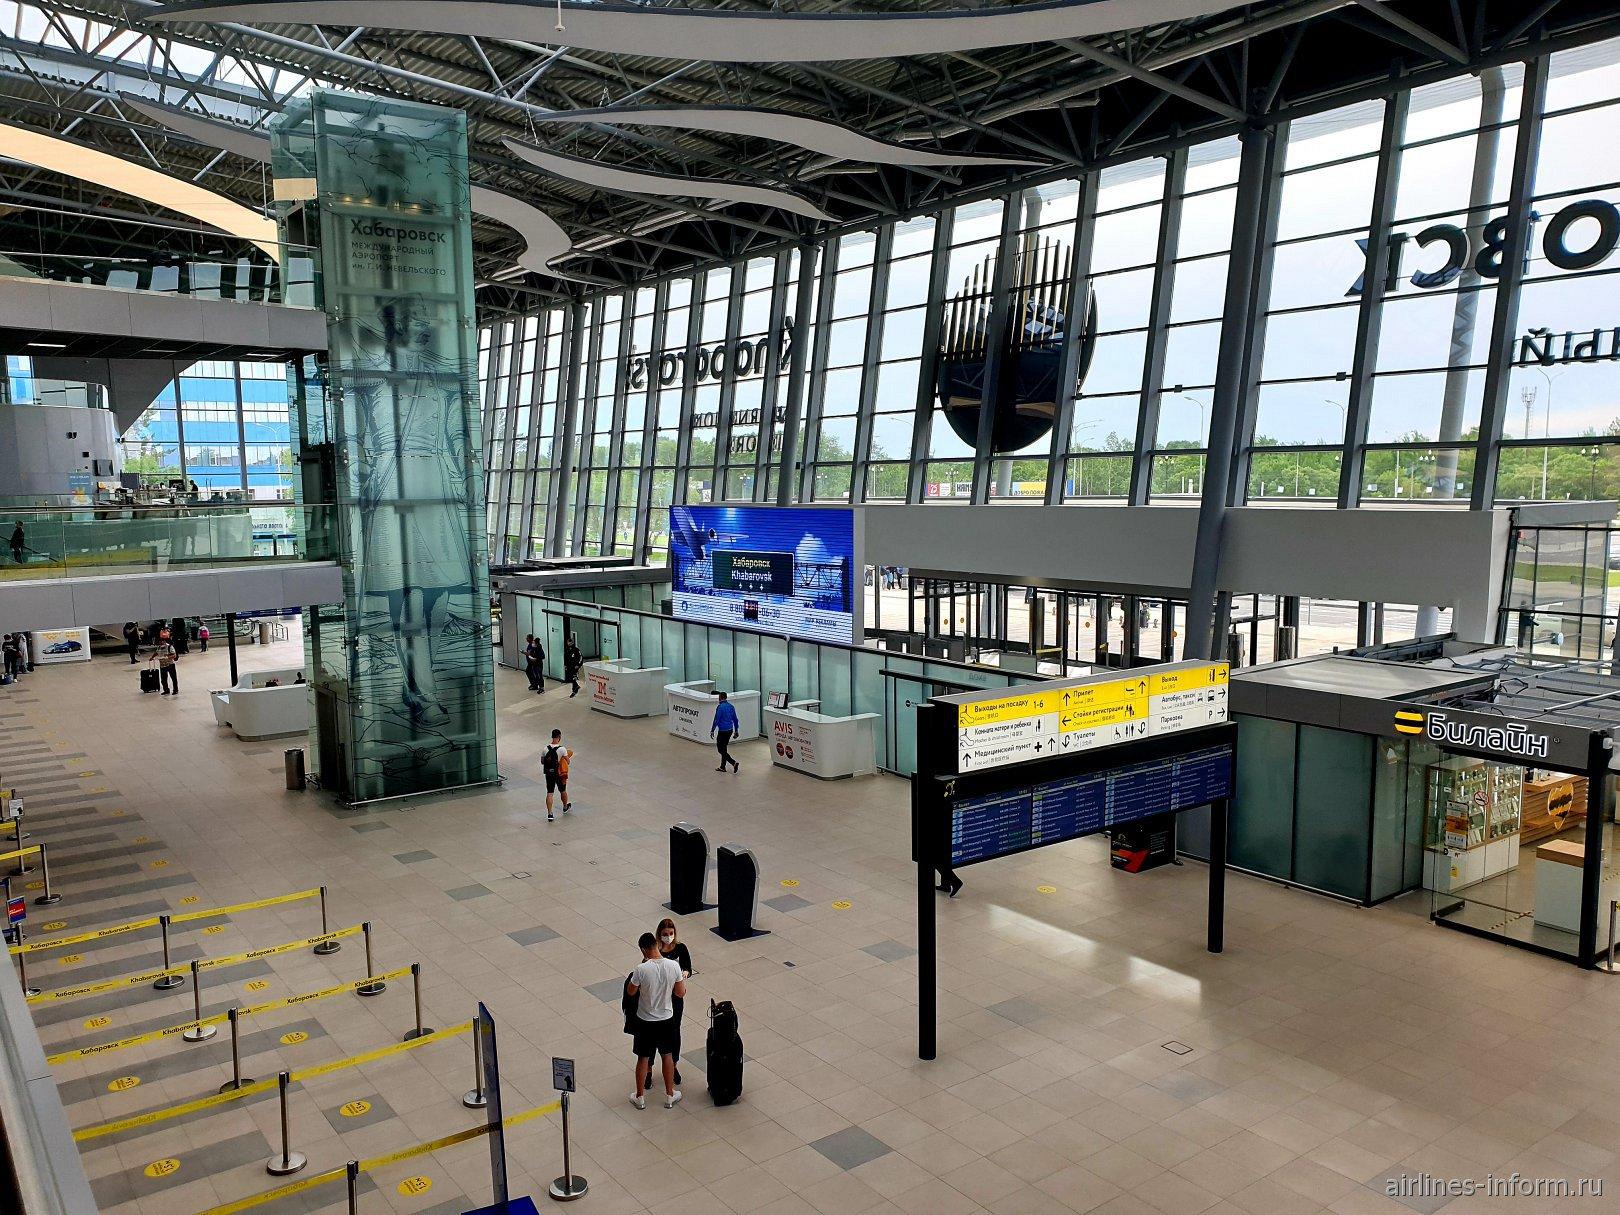 Панорамная картина нового терминала аэропорта Хабаровска